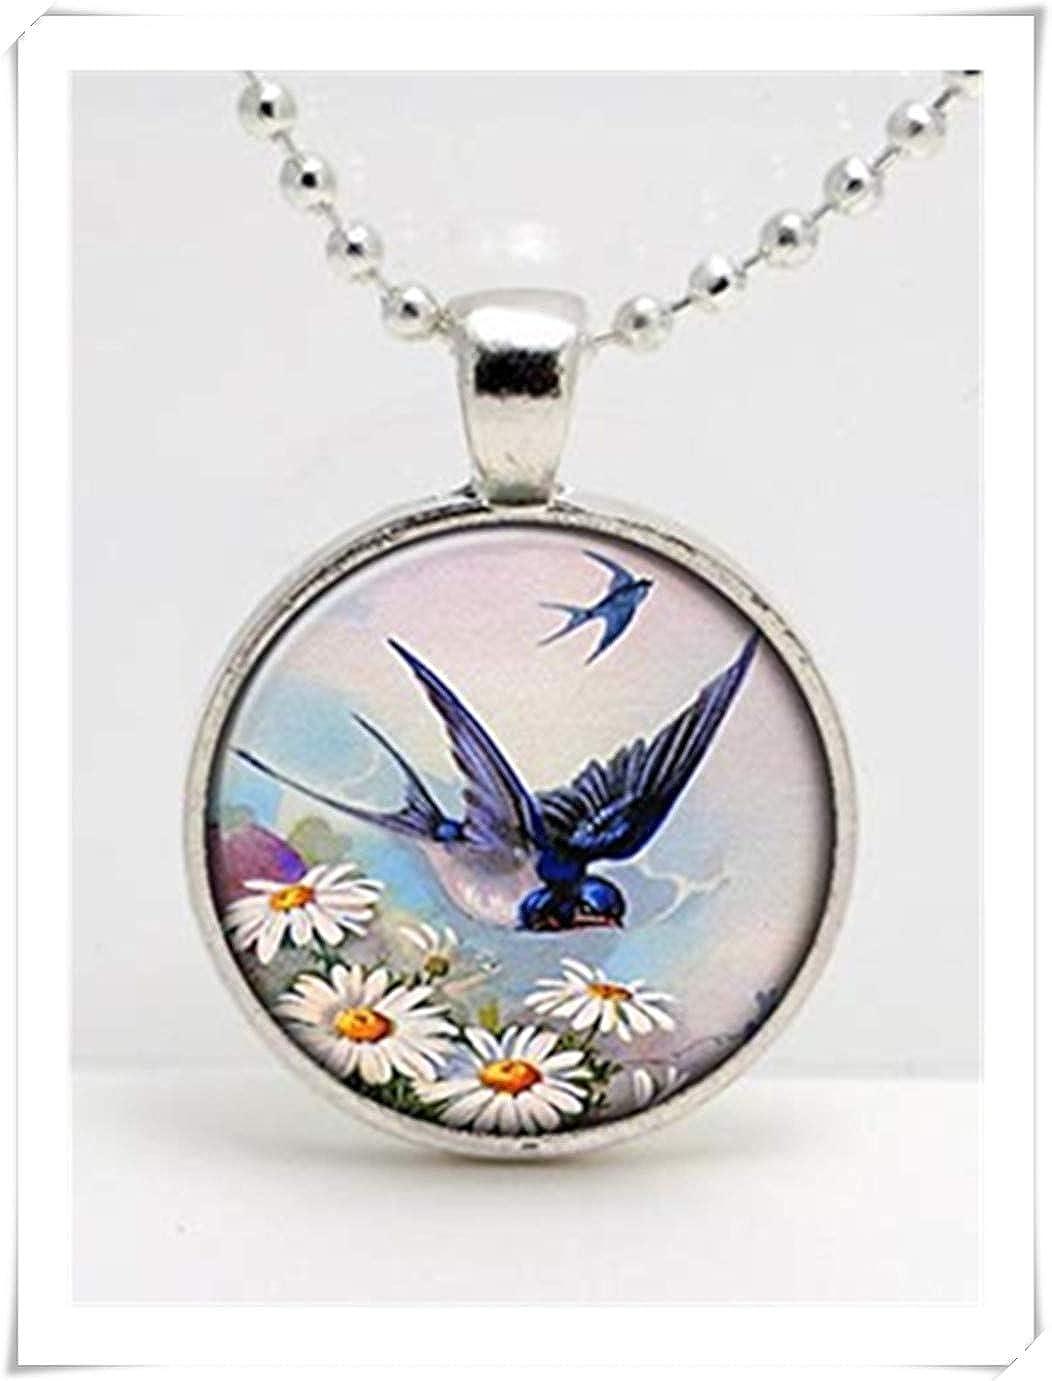 fabriqu/é /à la main, hirondelle bleue Flying vintage Impression Art Pendentif en verre ou porte-cl/és , d/ôme en verre Bijoux